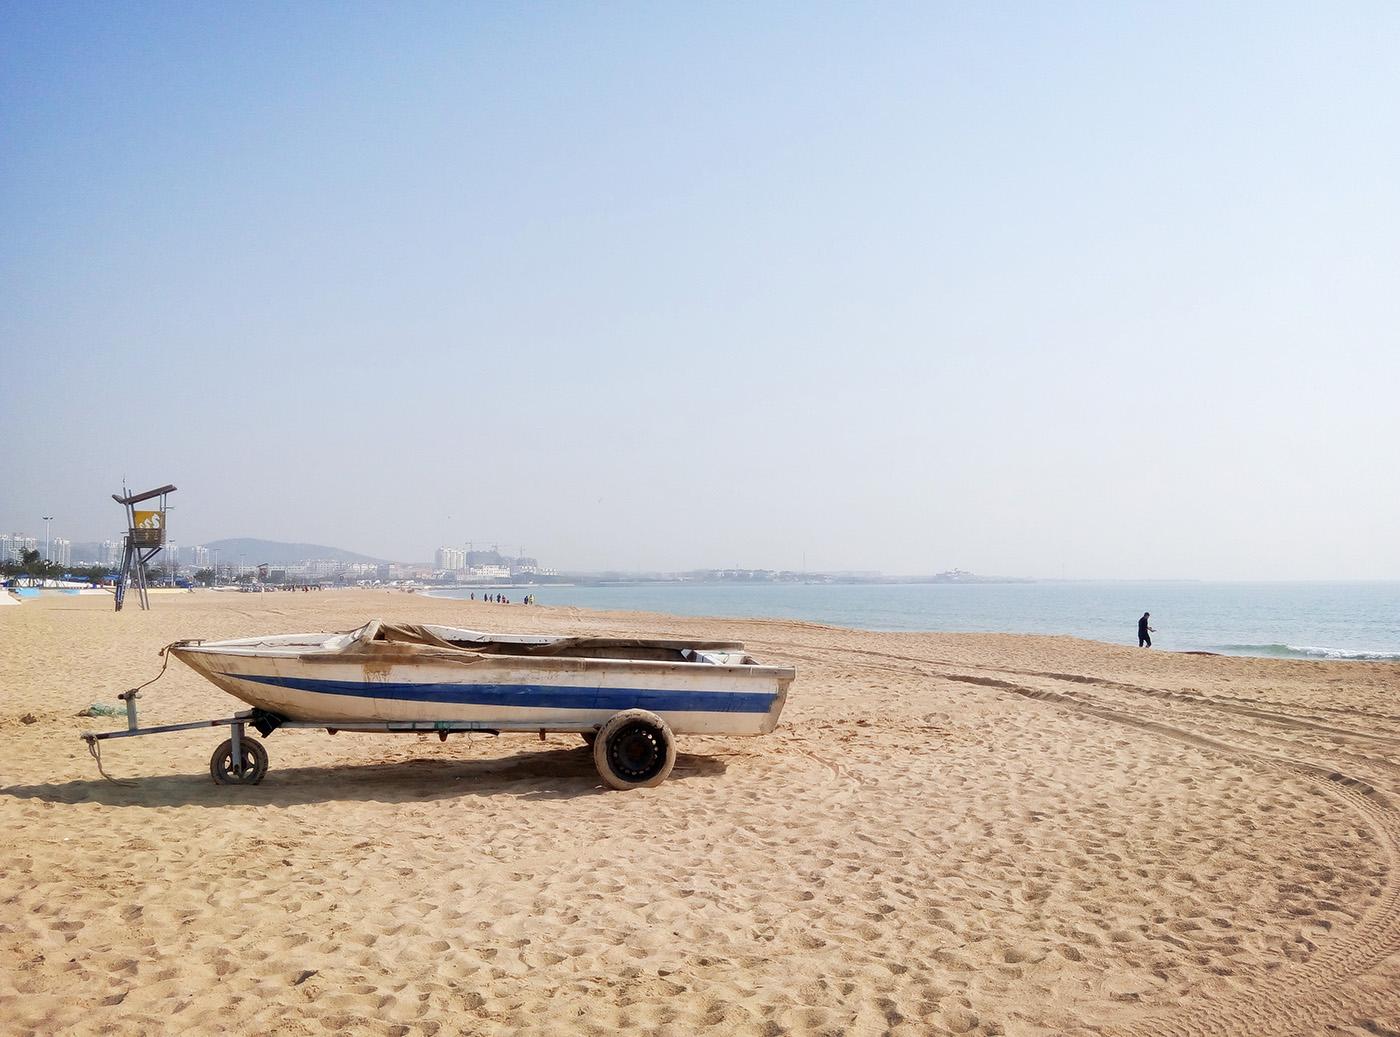 走进春天,拥抱蓝天碧海金沙滩